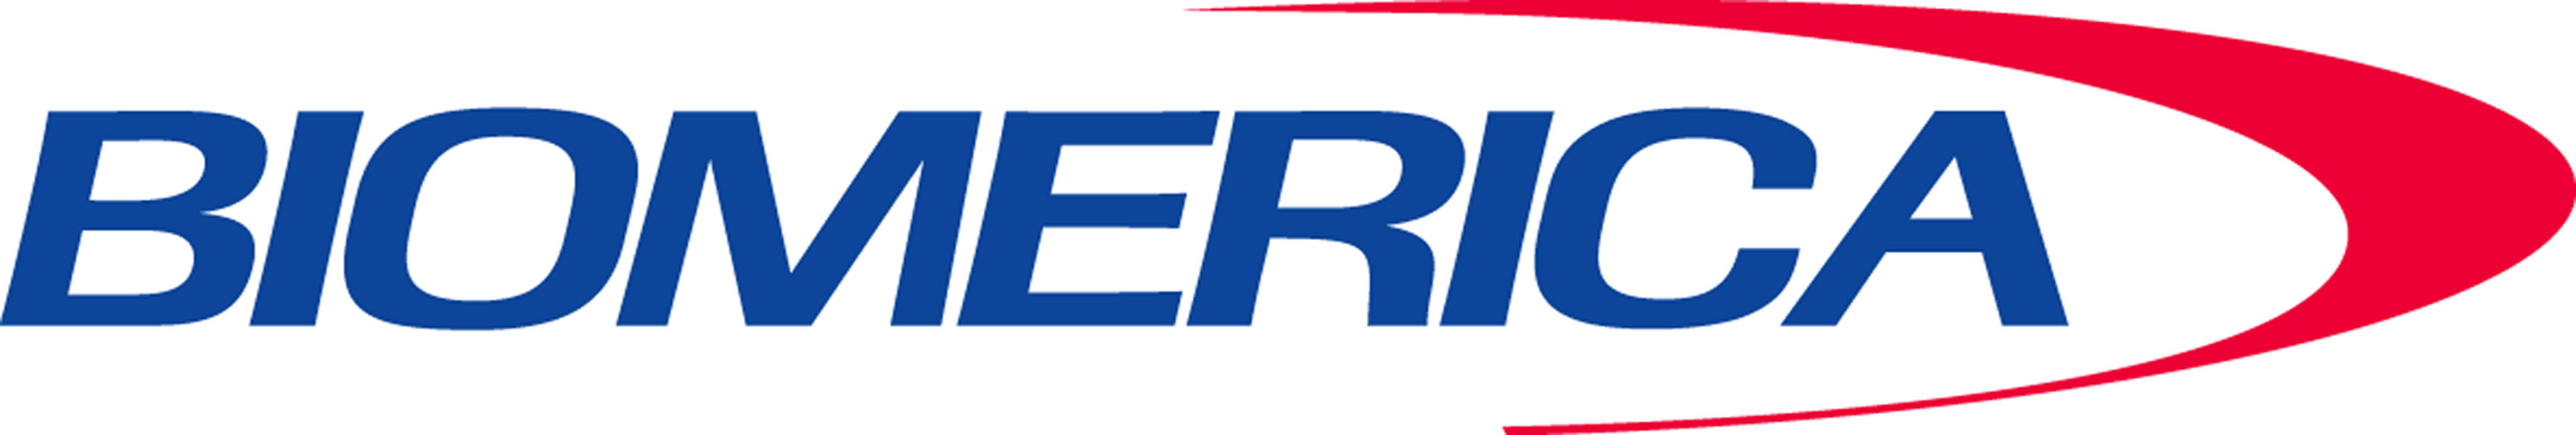 Логотип Biomerica Inc. (США)